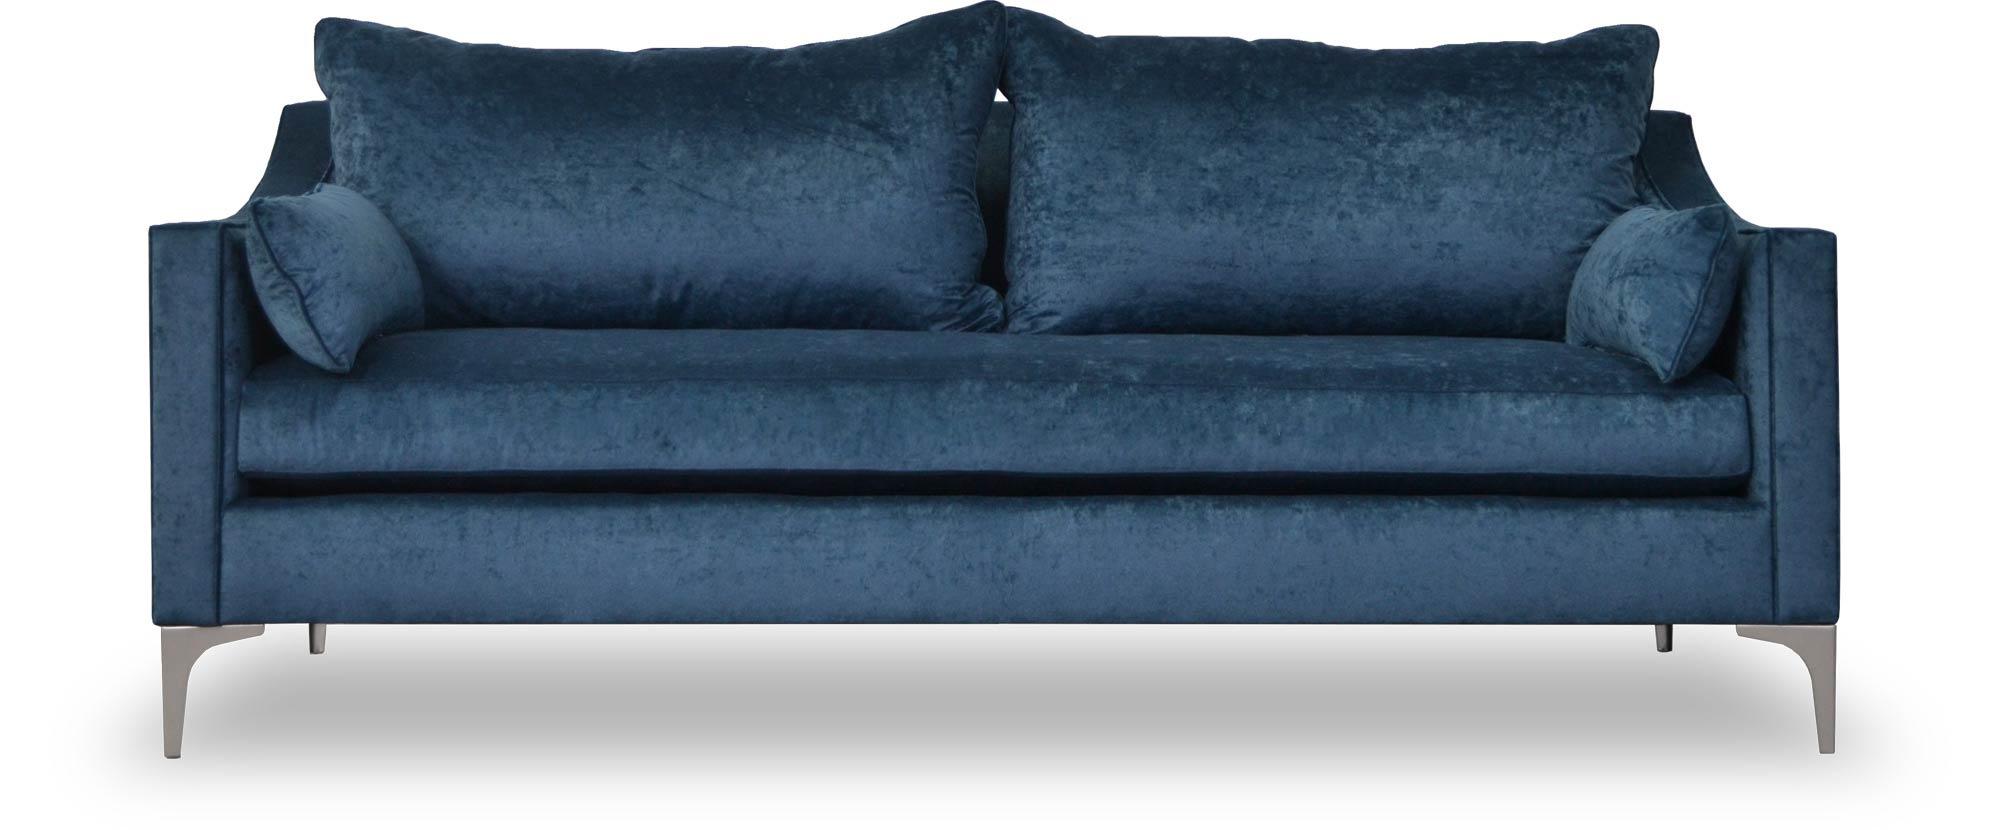 Scottie Gracefully Relaxed Modern Sofa Roger Chris